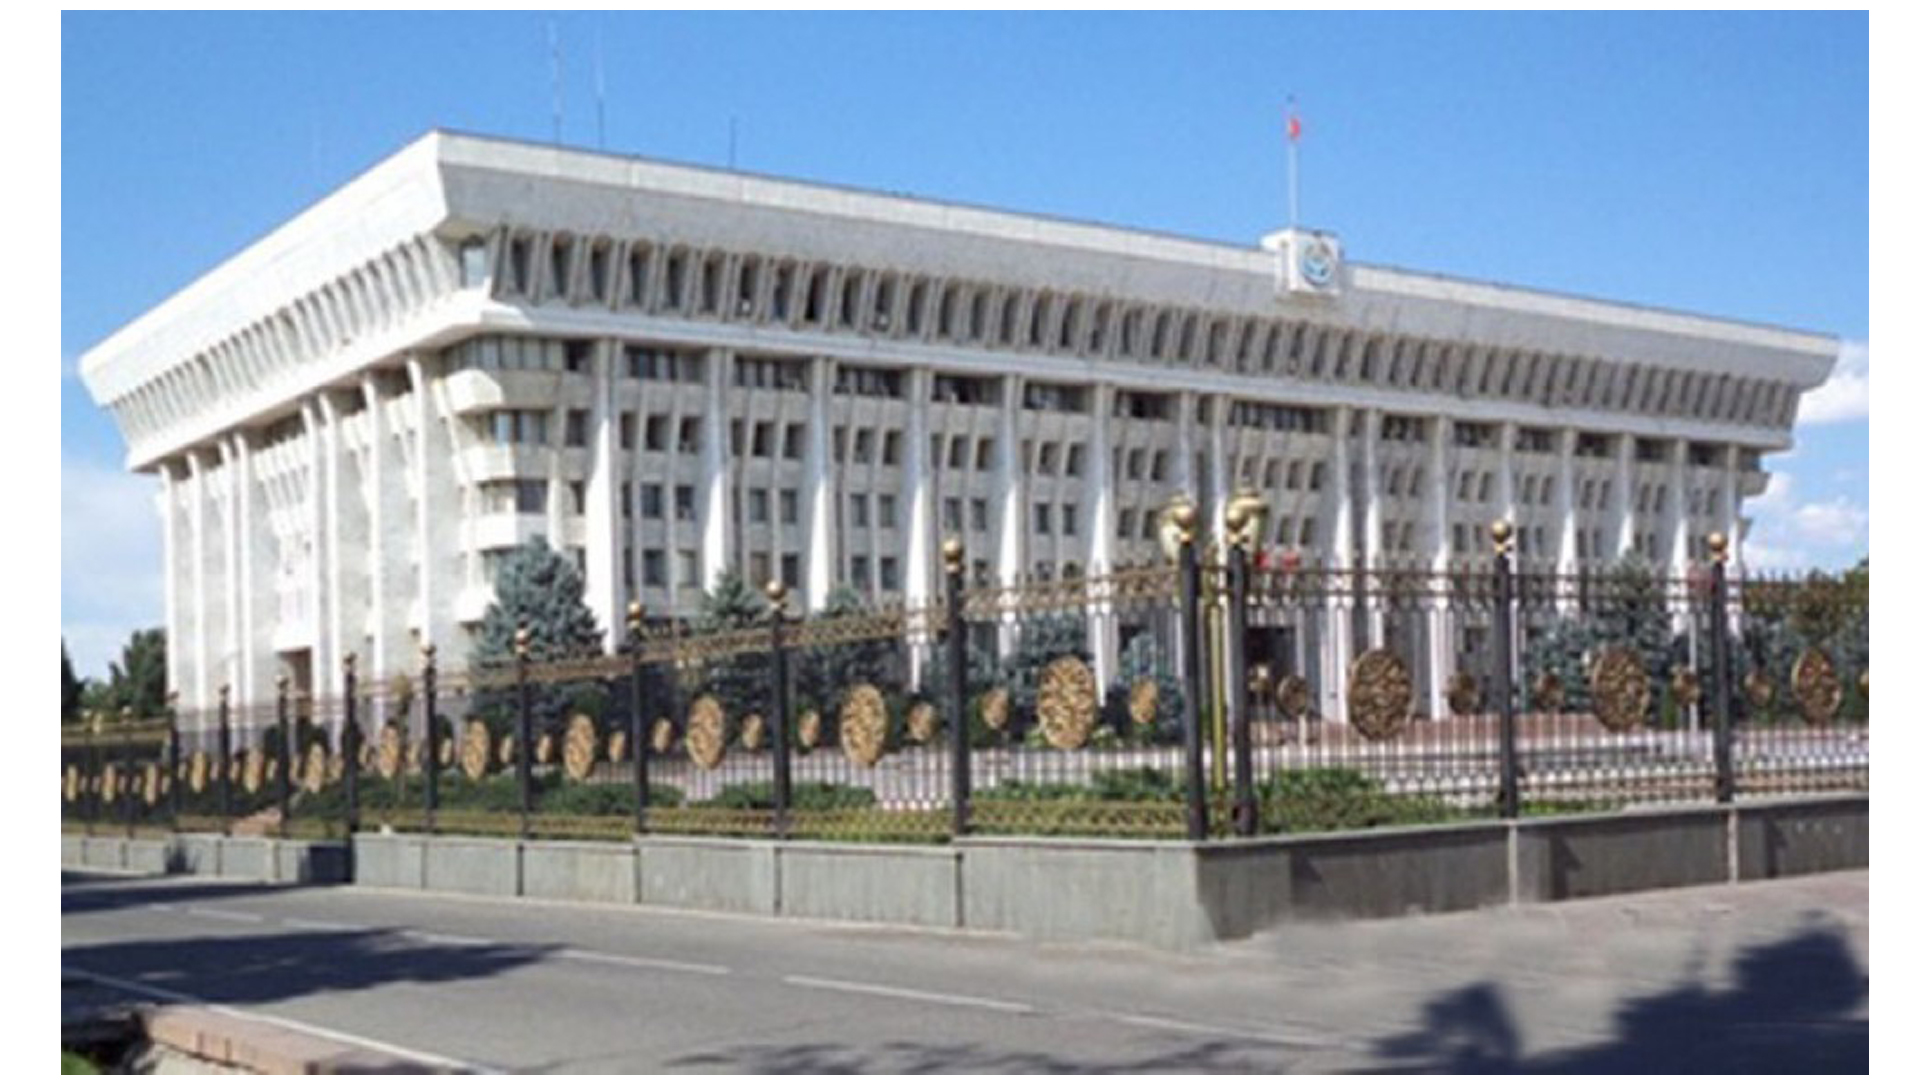 Qırğızıstan innovativ texnologiyalara əsaslanan sənayeləşməyə vergi dəstəyi göstərir